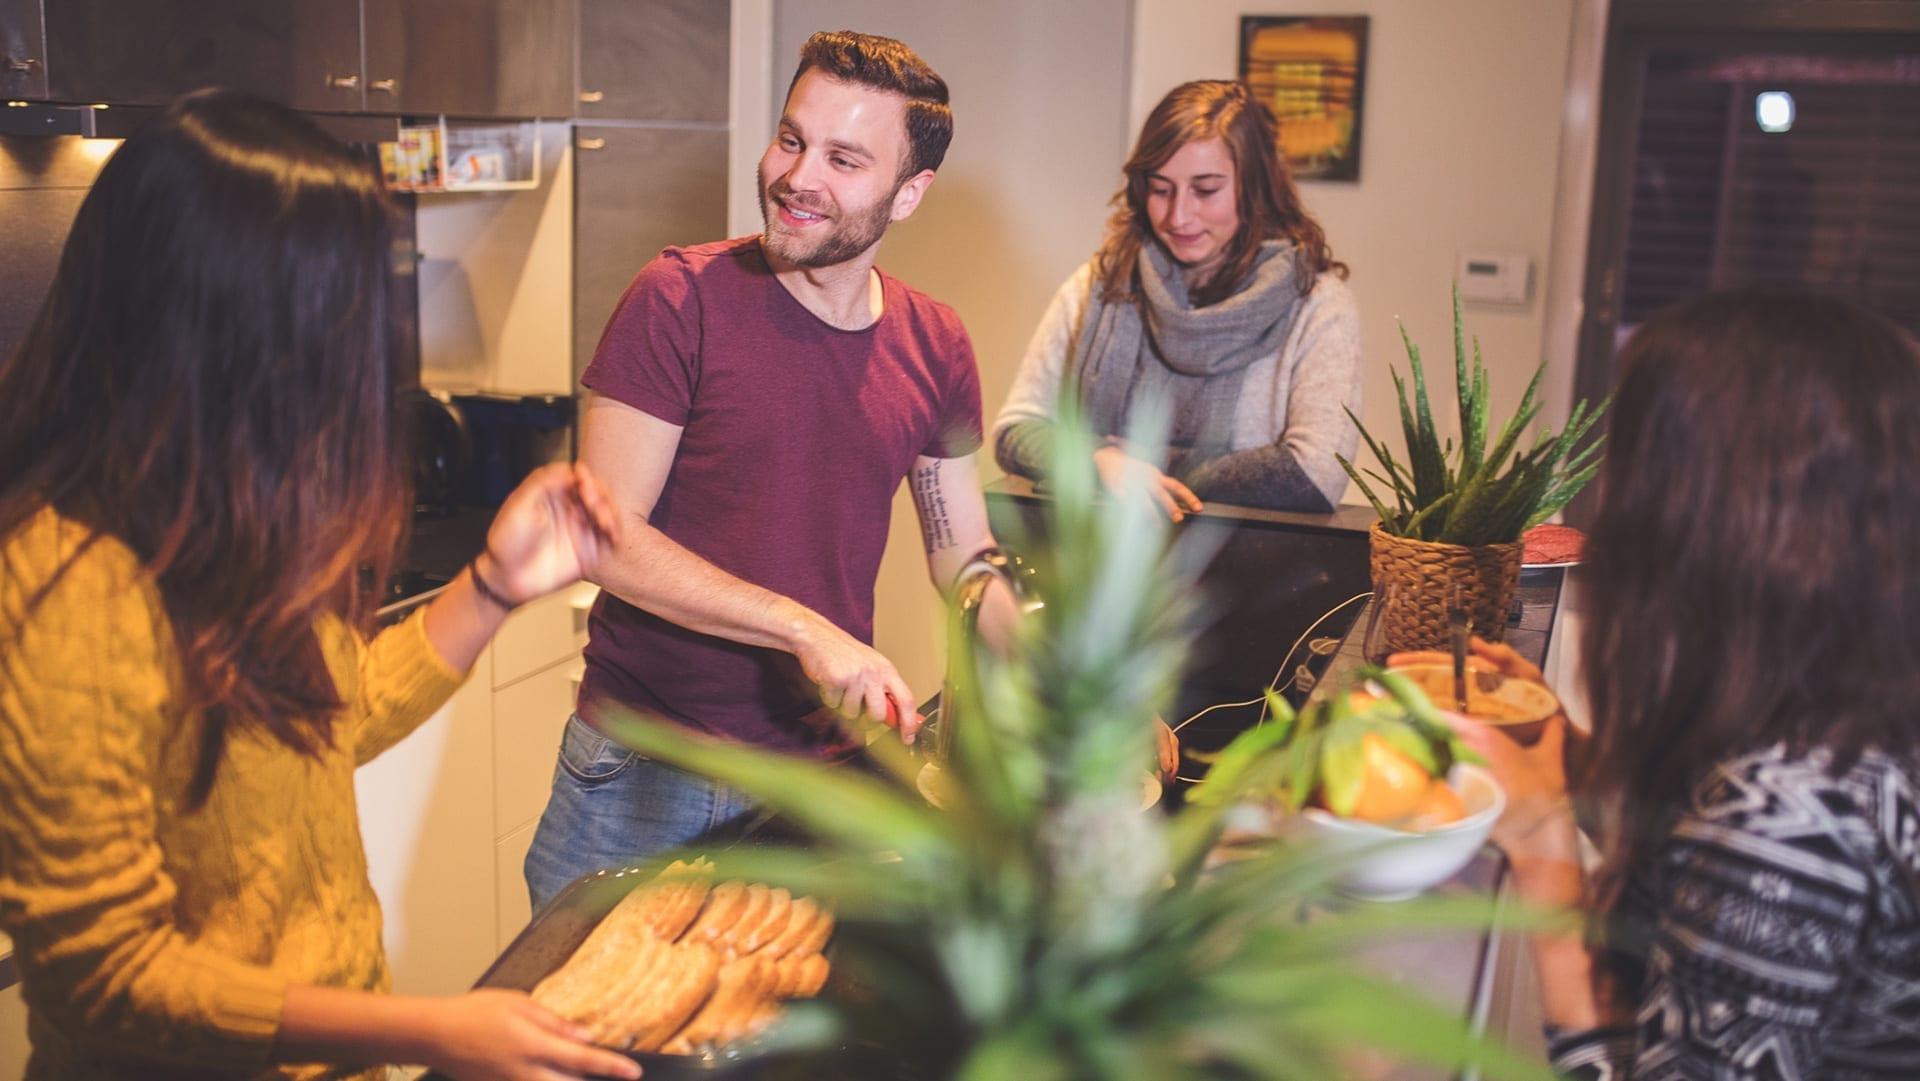 kochende Mitbewohner